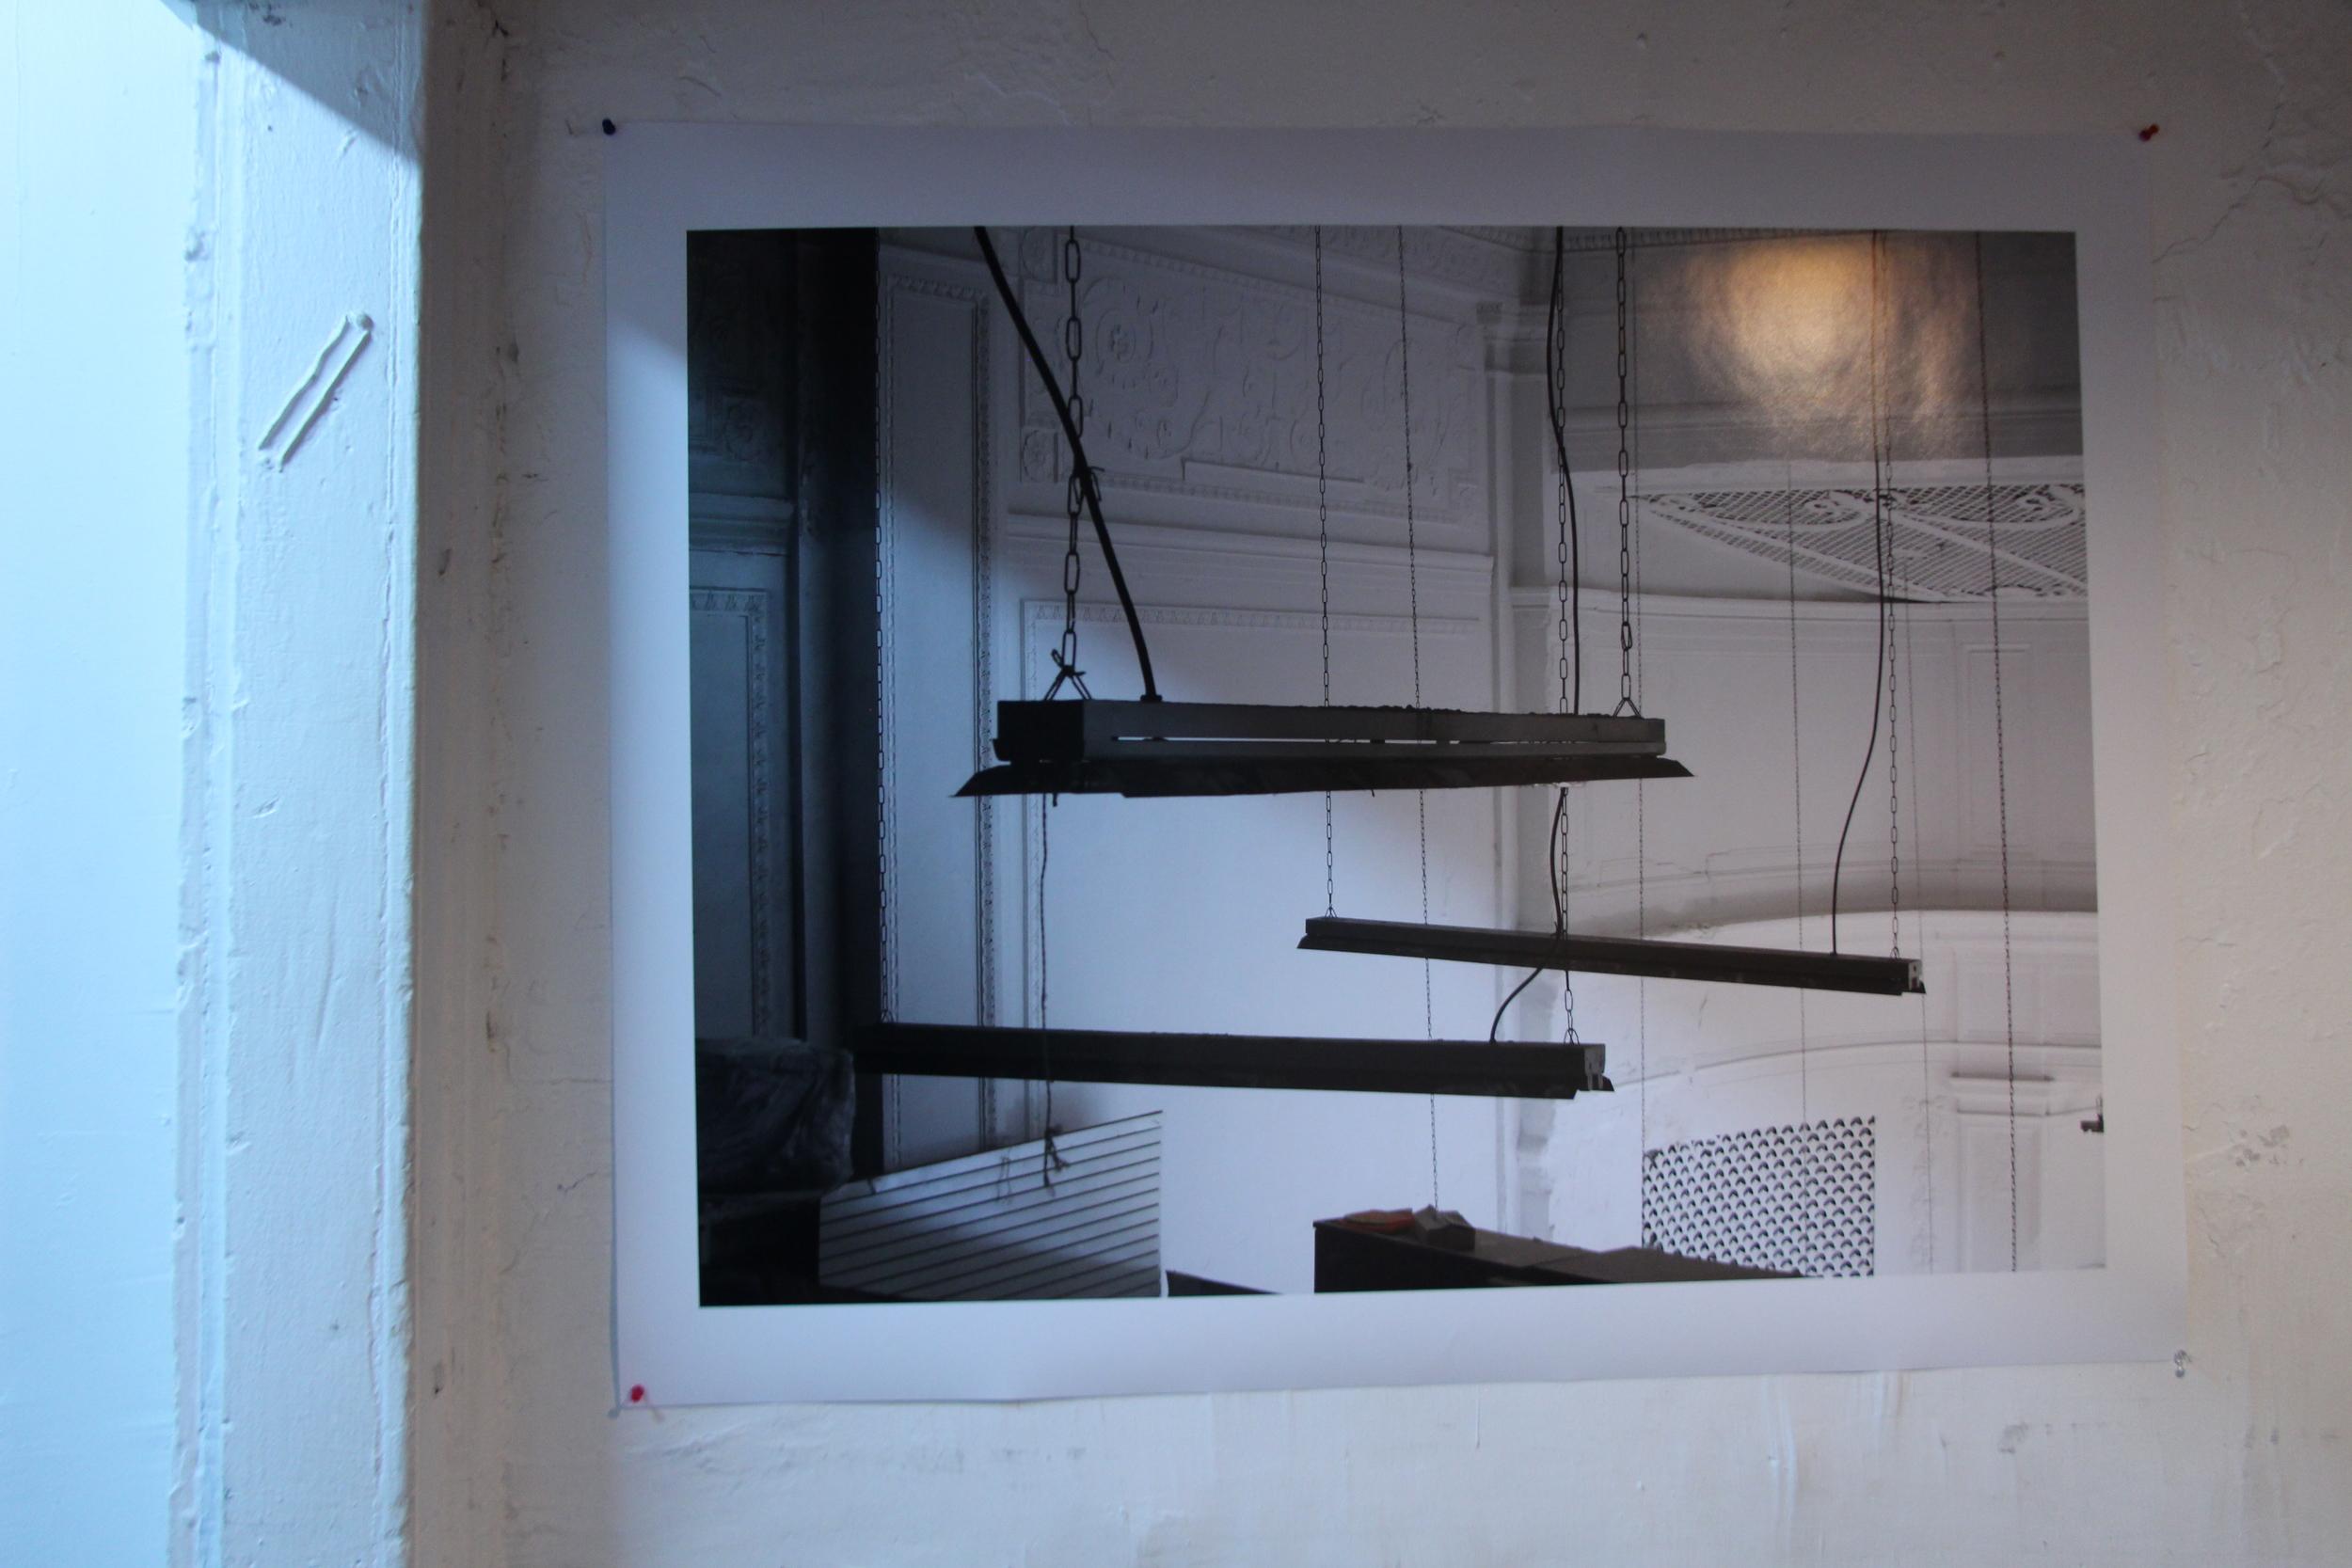 """Rainer Ganahl   El Mundo  3  2013  Inkjet on Archival  30"""" X 40""""  Edition 5/6 (Series of 20)"""